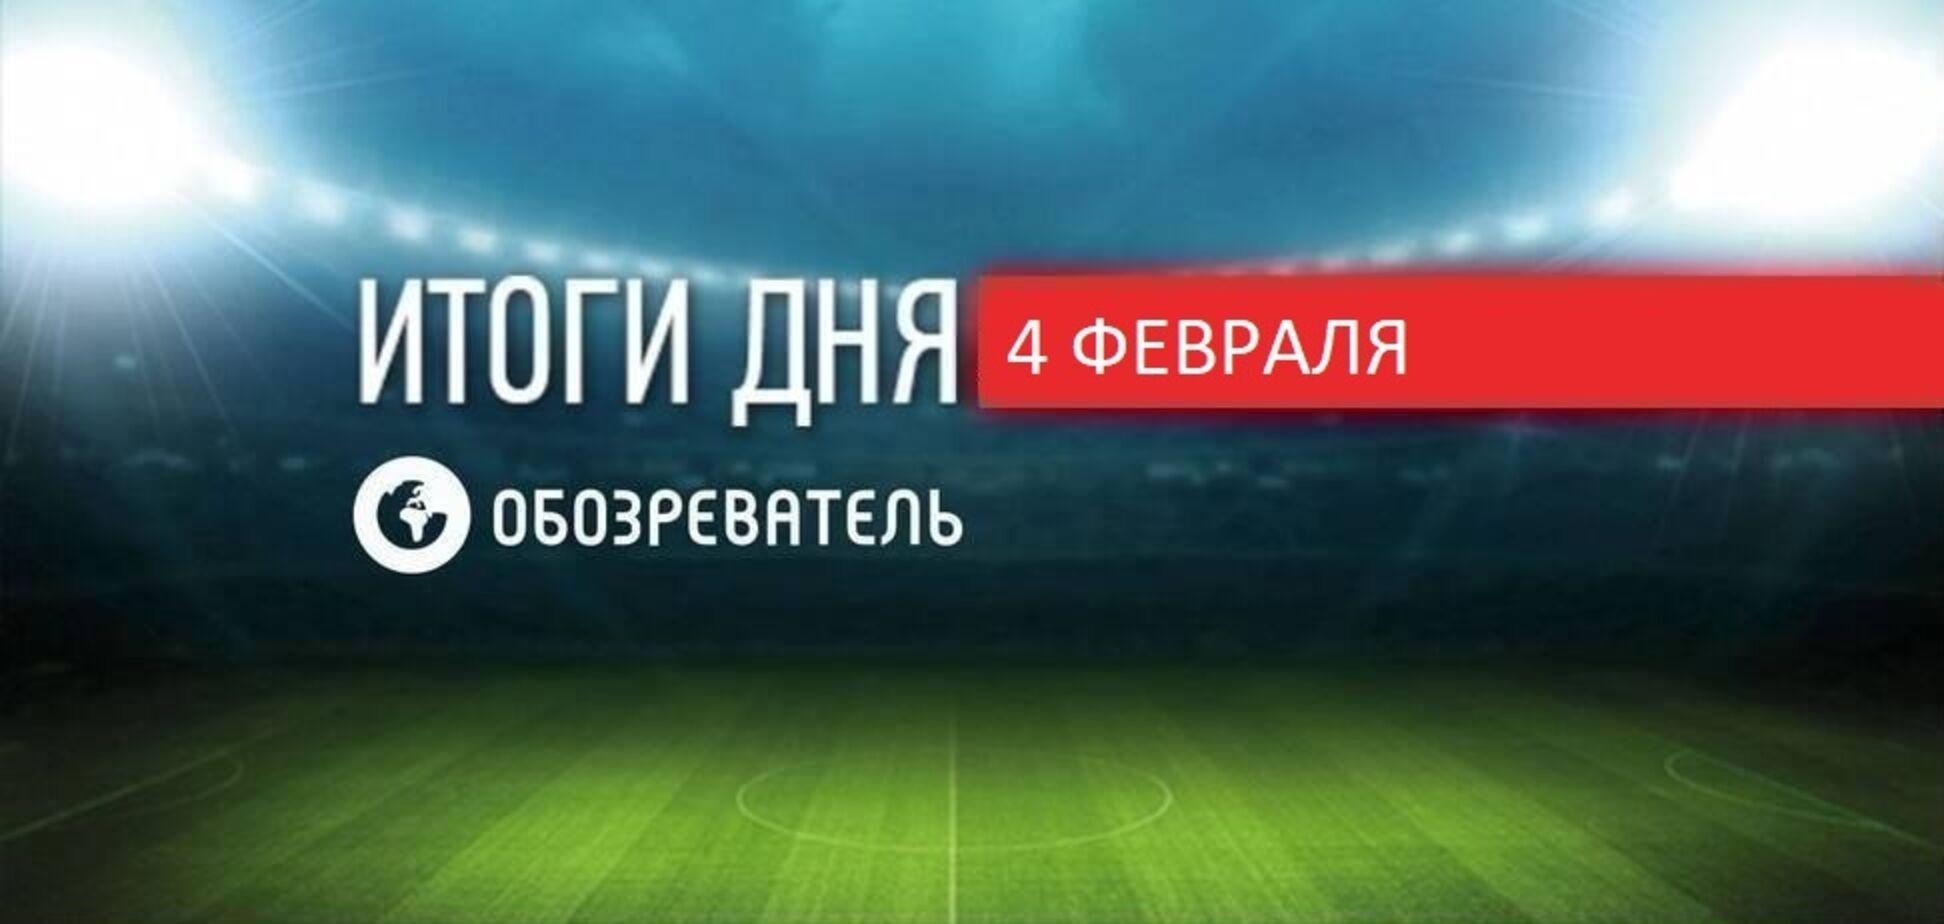 У братів Суркісів помер батько: спортивні підсумки 4 лютого